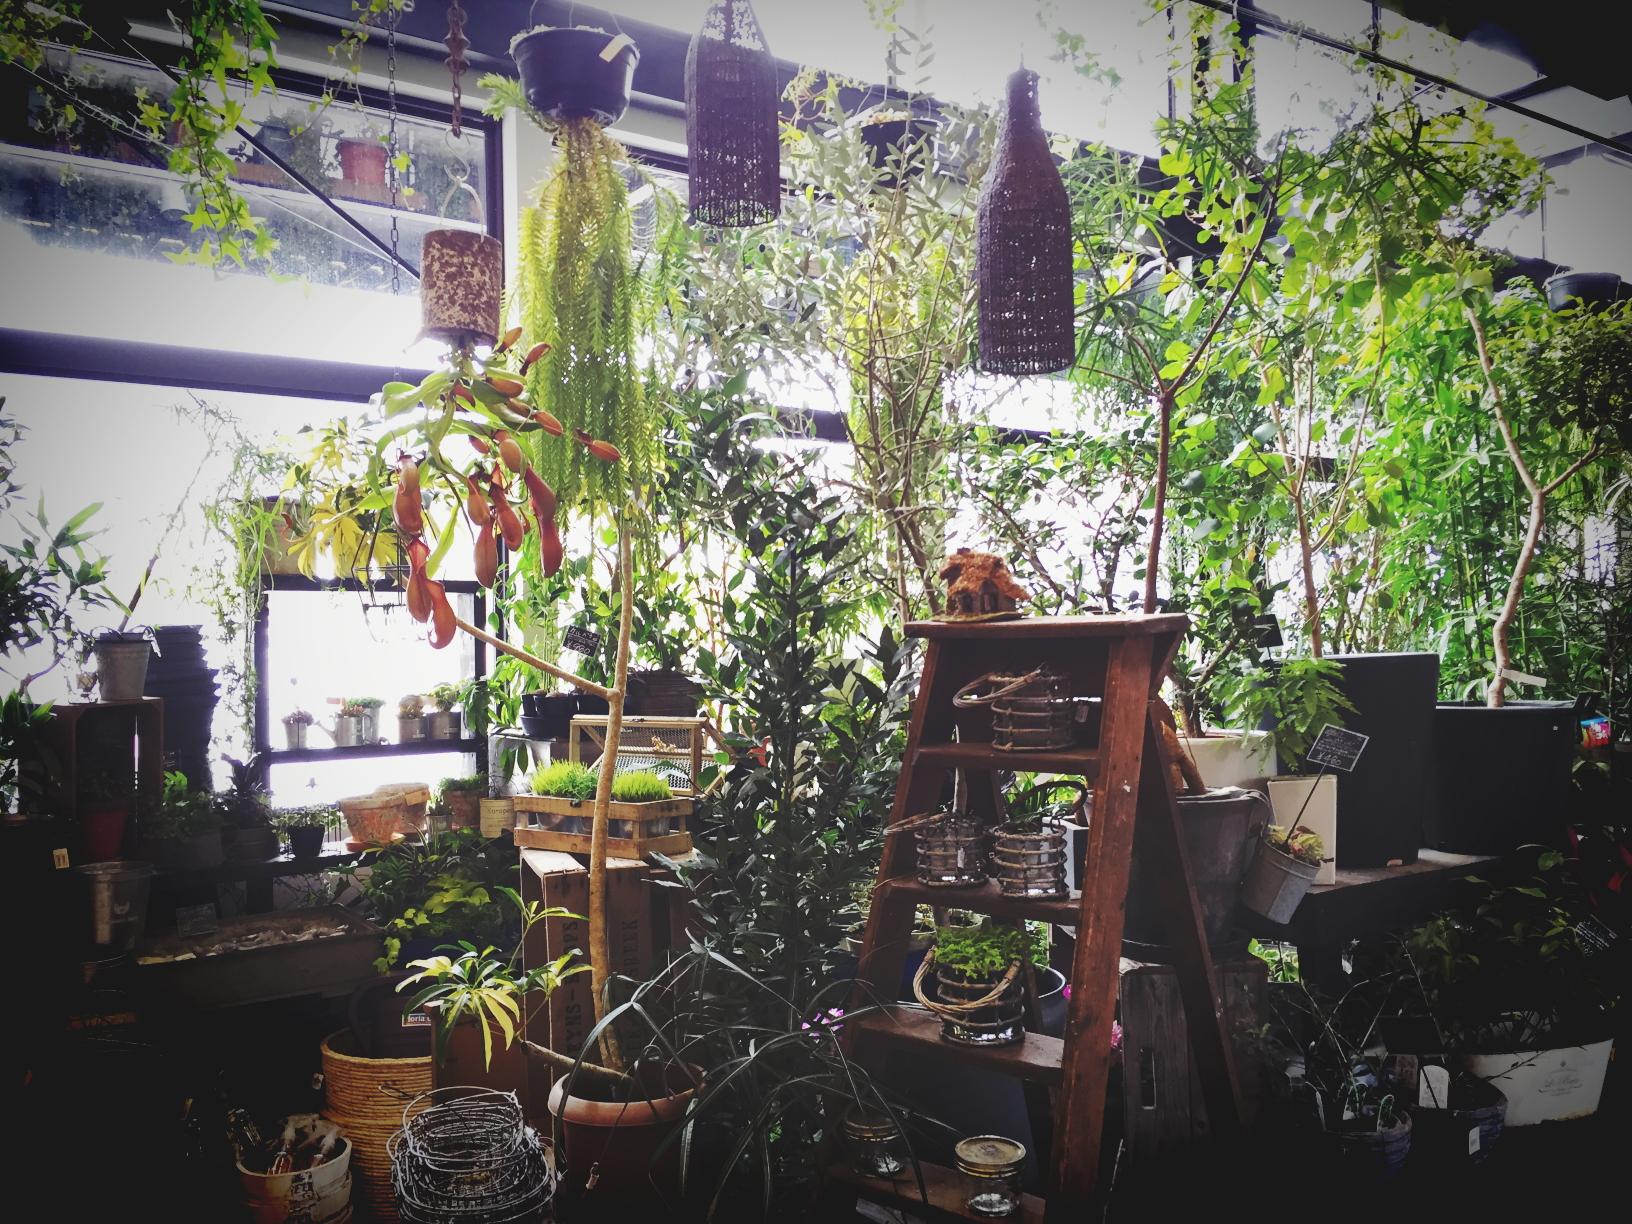 札幌市中央区に店舗を構える花屋 FlowerSpaceGravel フラワー スペース グラベルのHPです。 慶弔用花束・アレンジメントフラワー・スタンド花・観葉植物・鉢花・ ガーデニング・ブライダルなど幅広く取り扱いしております。